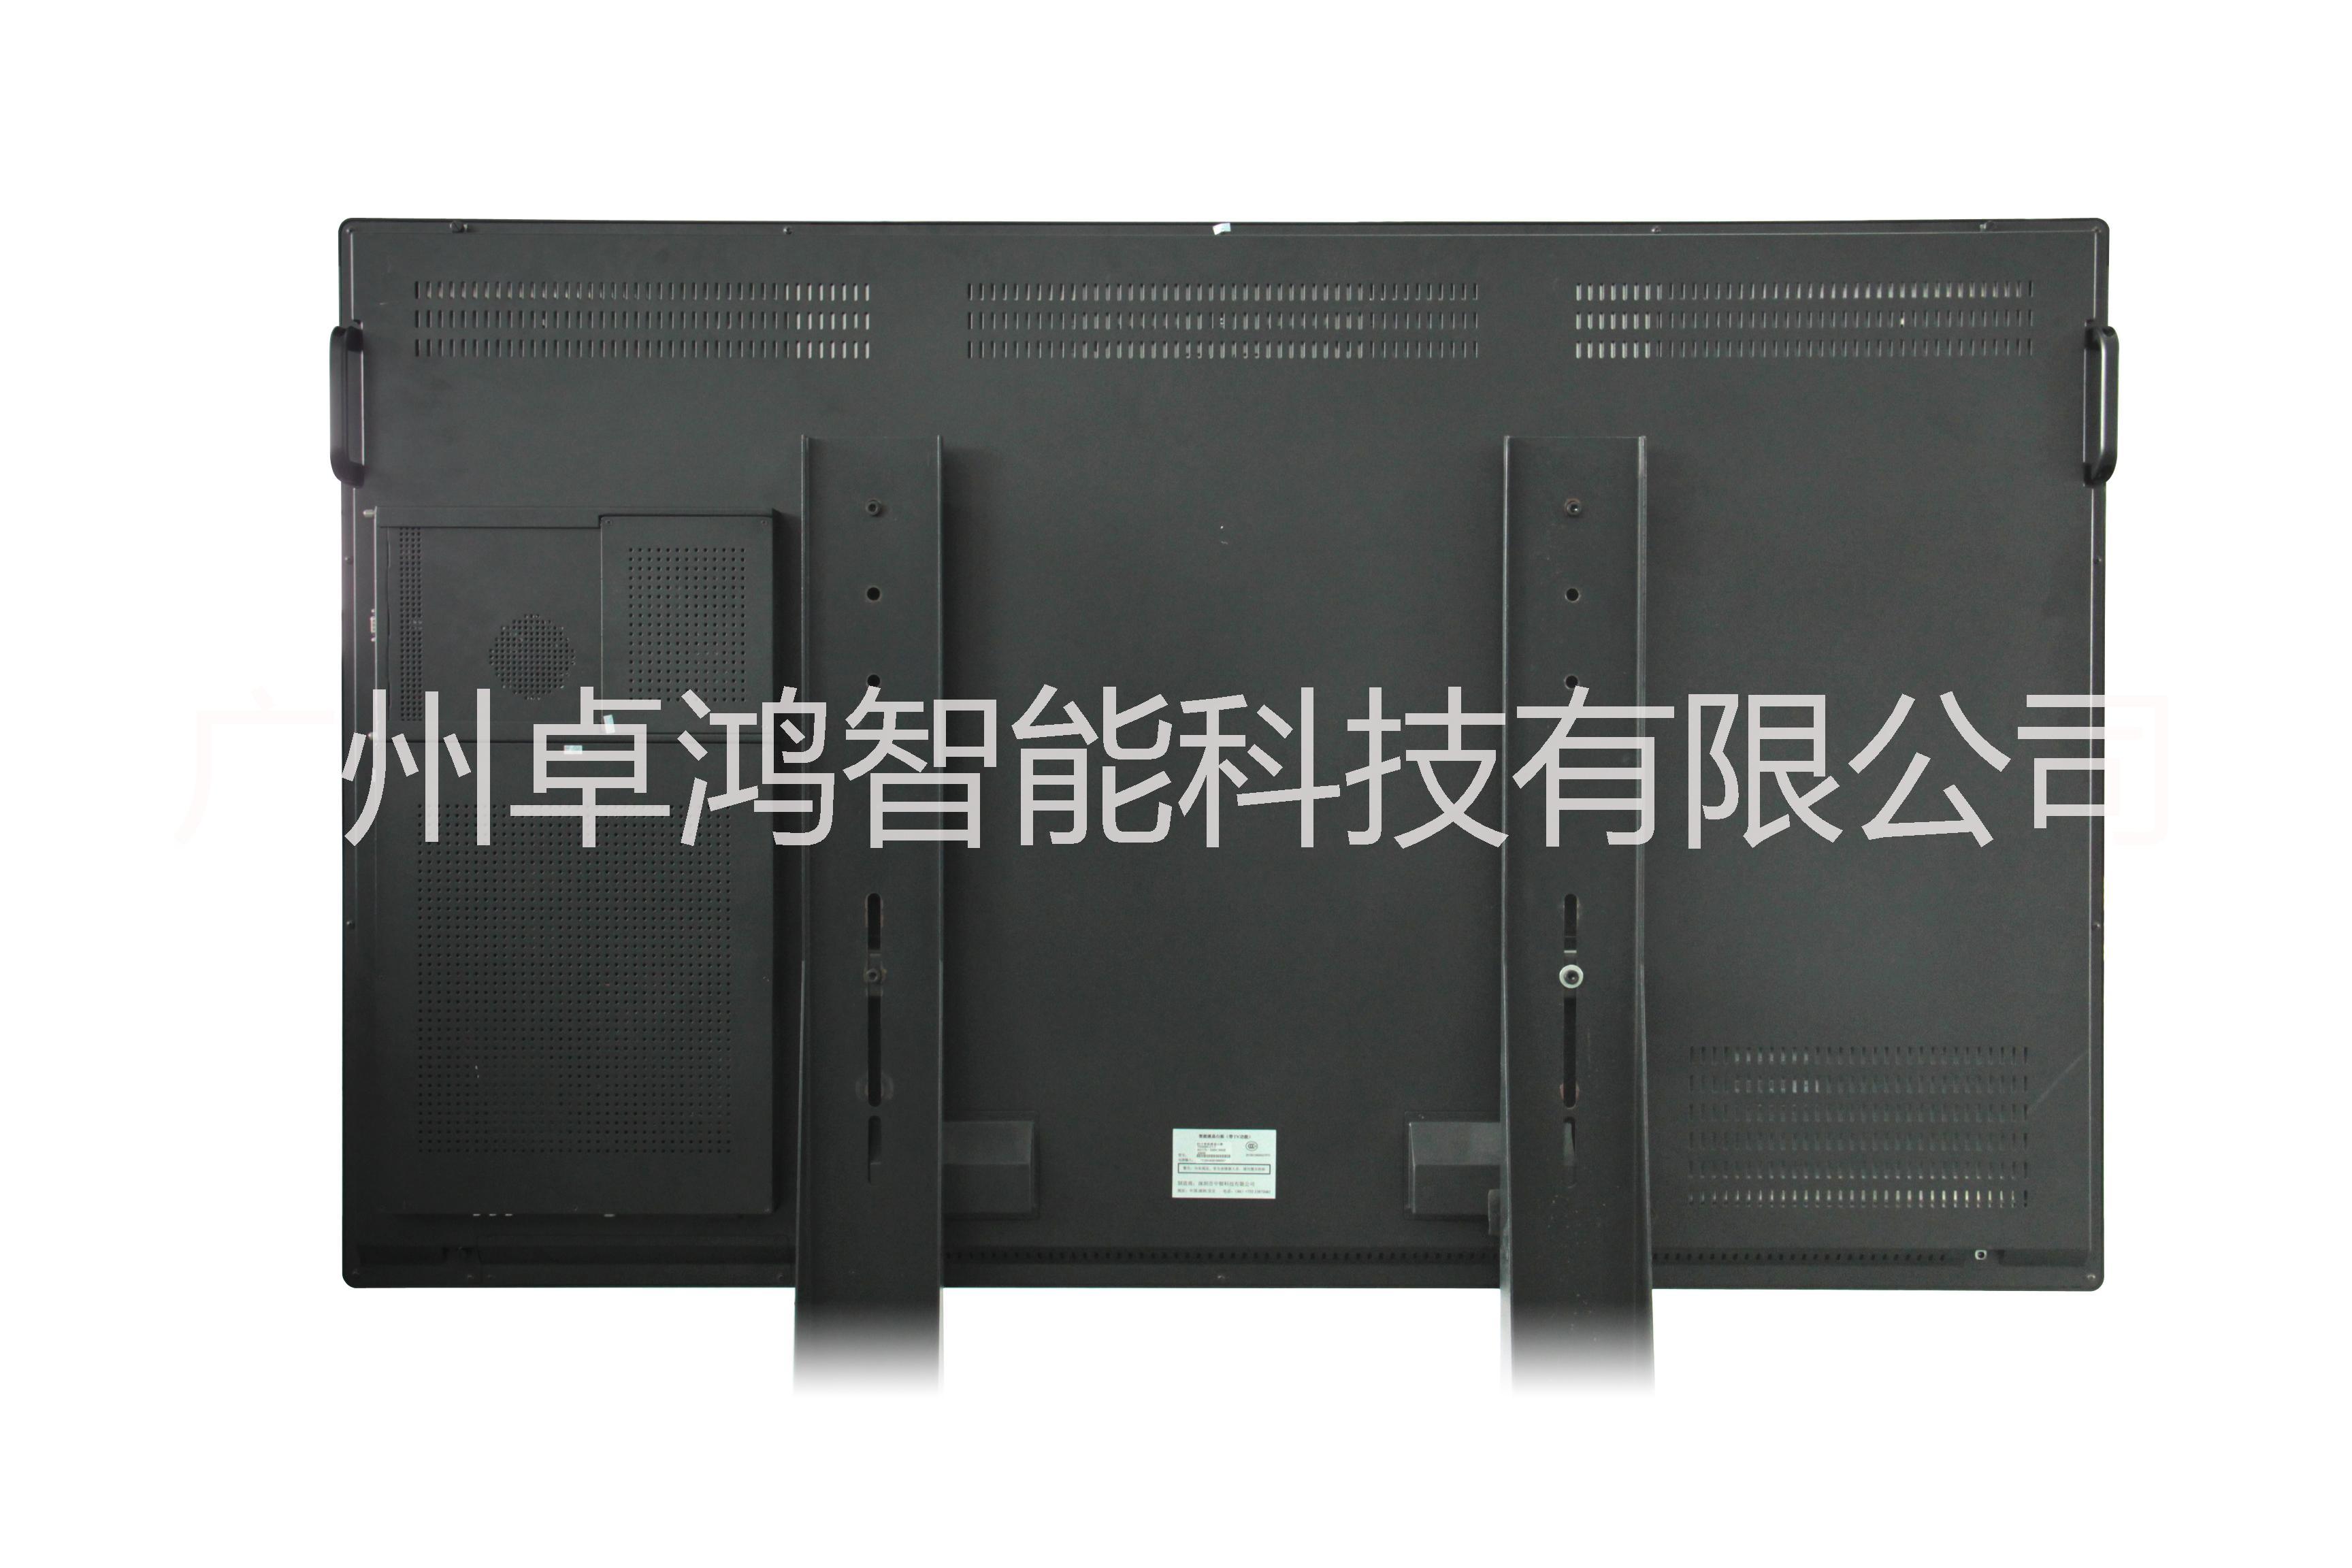 32寸电容触摸一体机厂家 电容触摸一体机价格 65寸电容触摸一体机 电容触摸广告一体机 电容触摸一体机公司